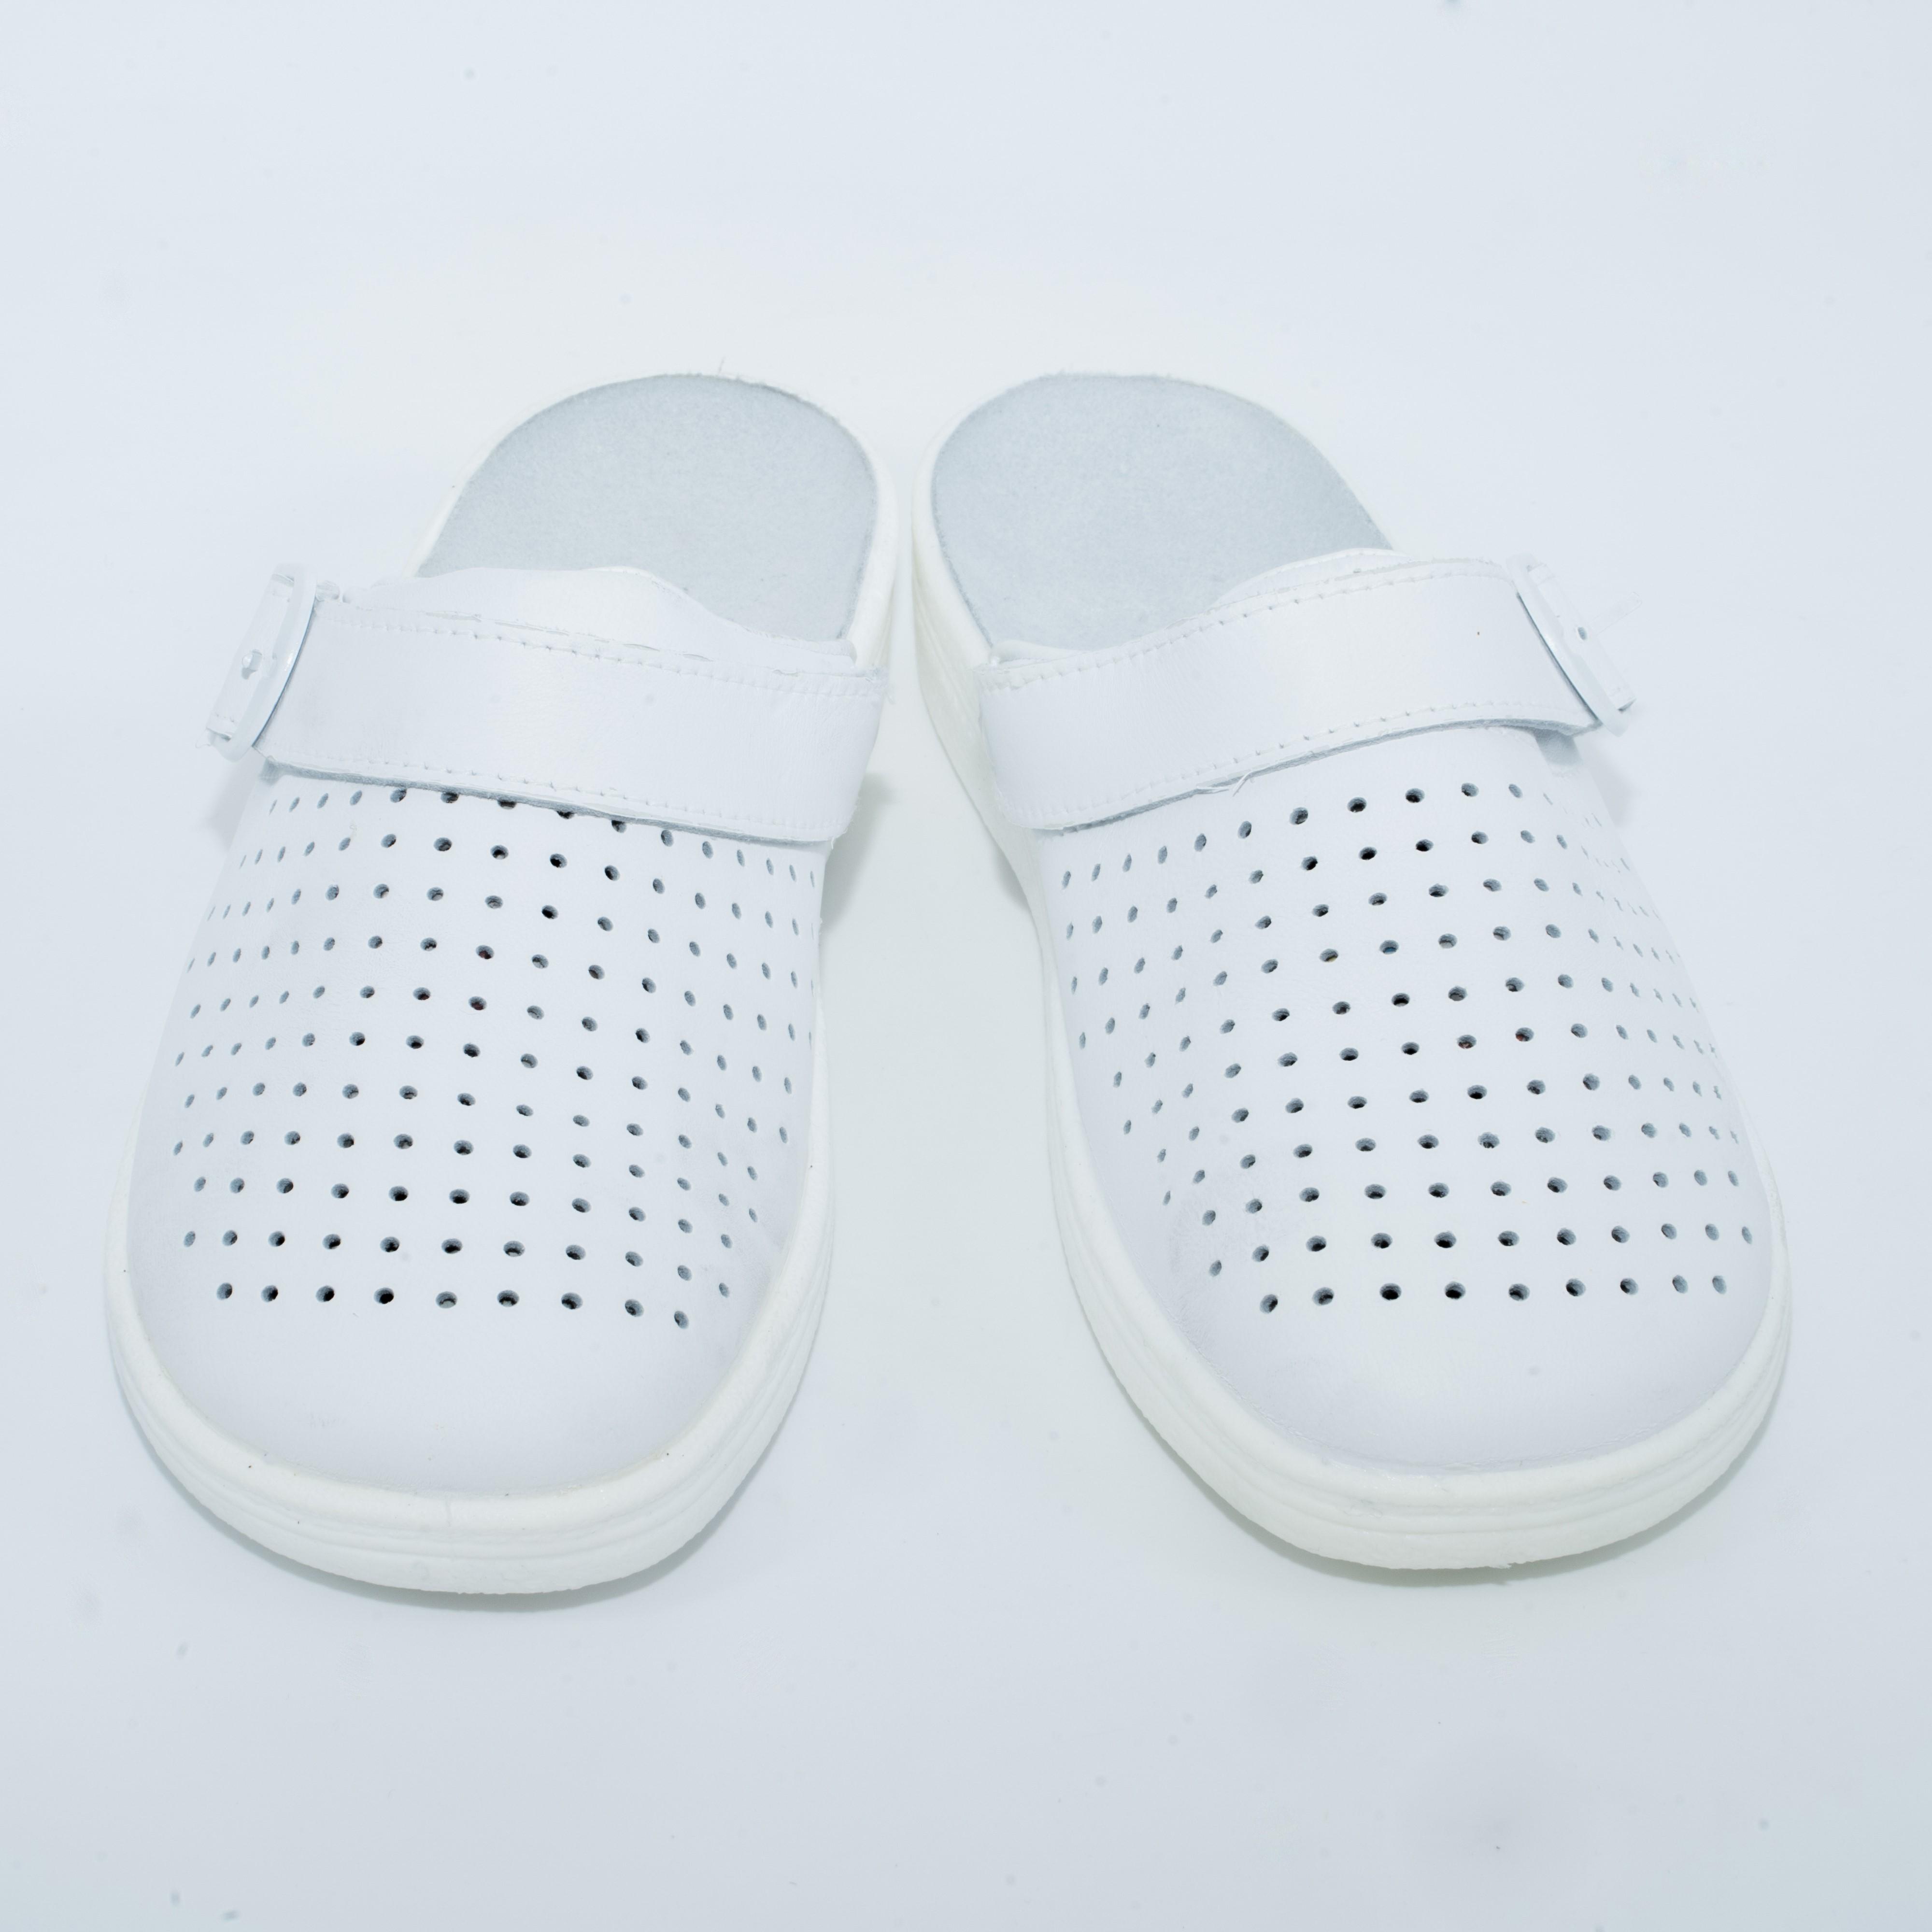 04-04 (Унисекс) обувь повседневная типа Сабо с верхом из кожи на подошве ПУ ( Белый)